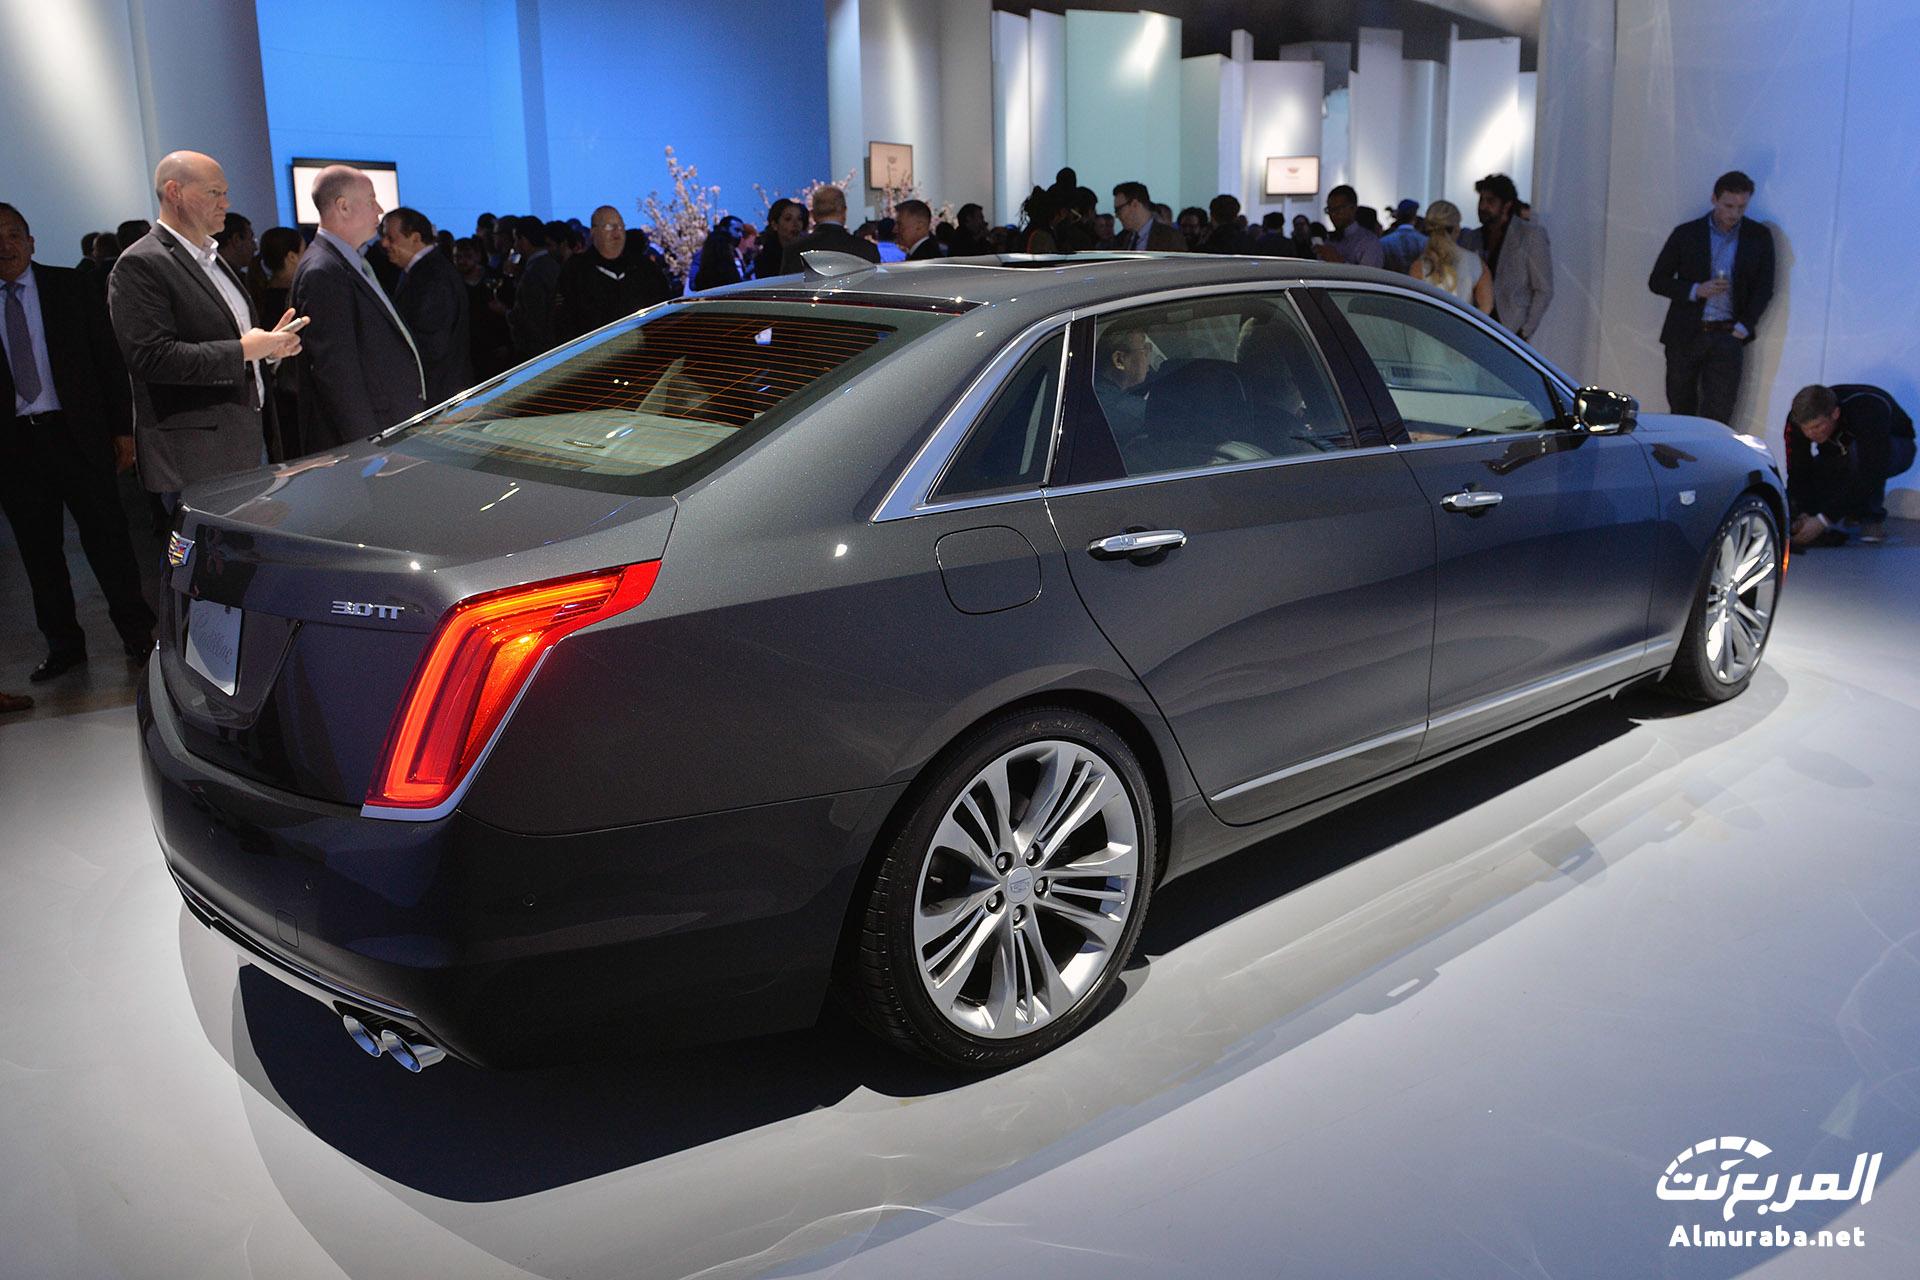 """كاديلاك سي تي سكس 2016 الجديدة كلياً """"صور ومواصفات وفيديو"""" Cadillac CT6 – المربع نت"""